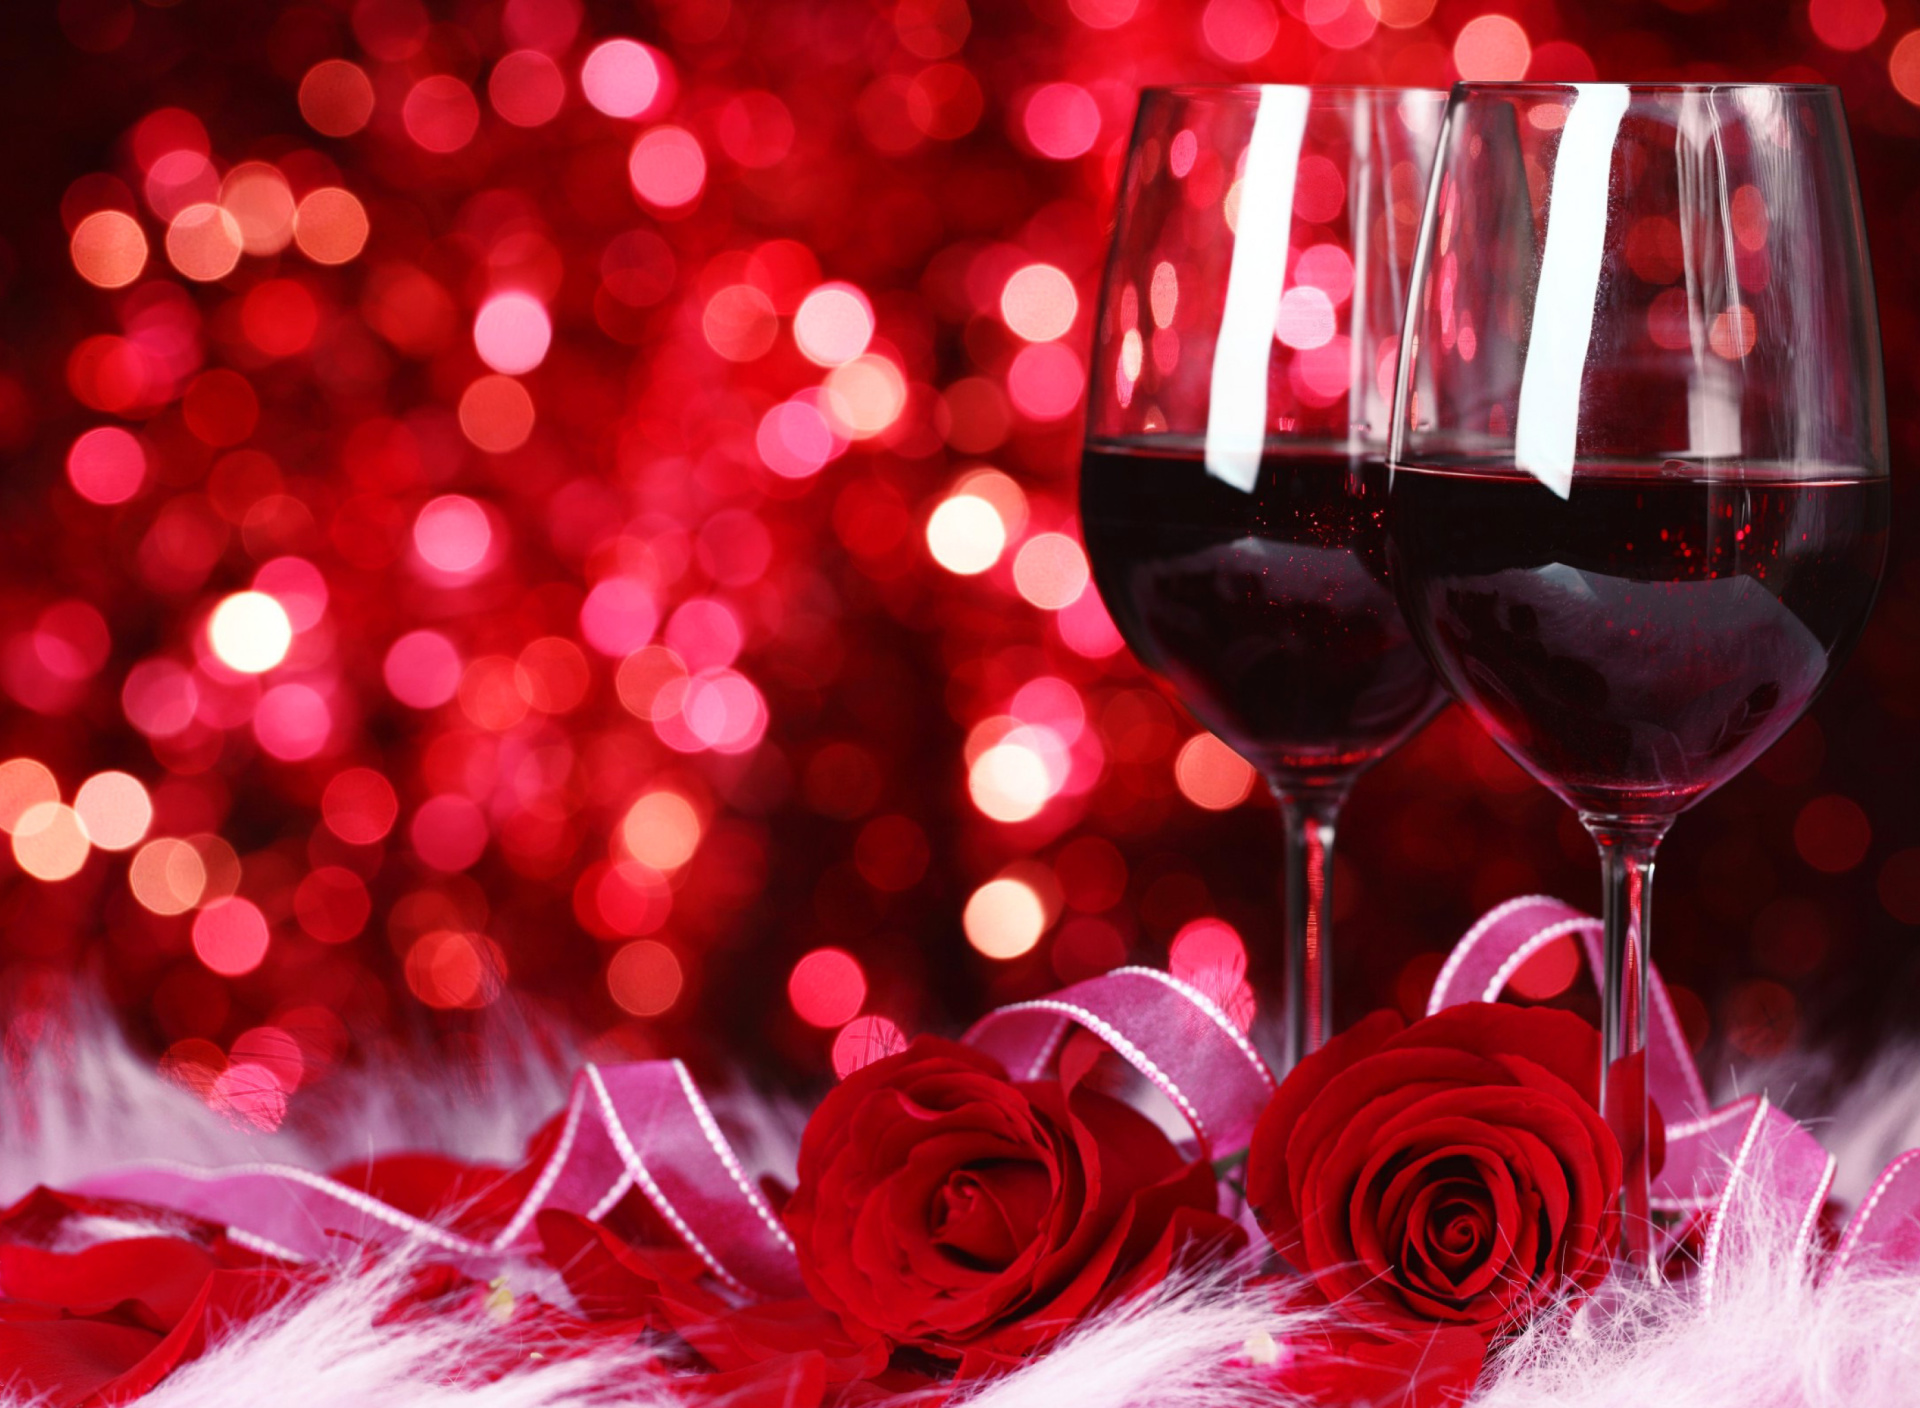 Смайлики спасибочки, открытка романтический